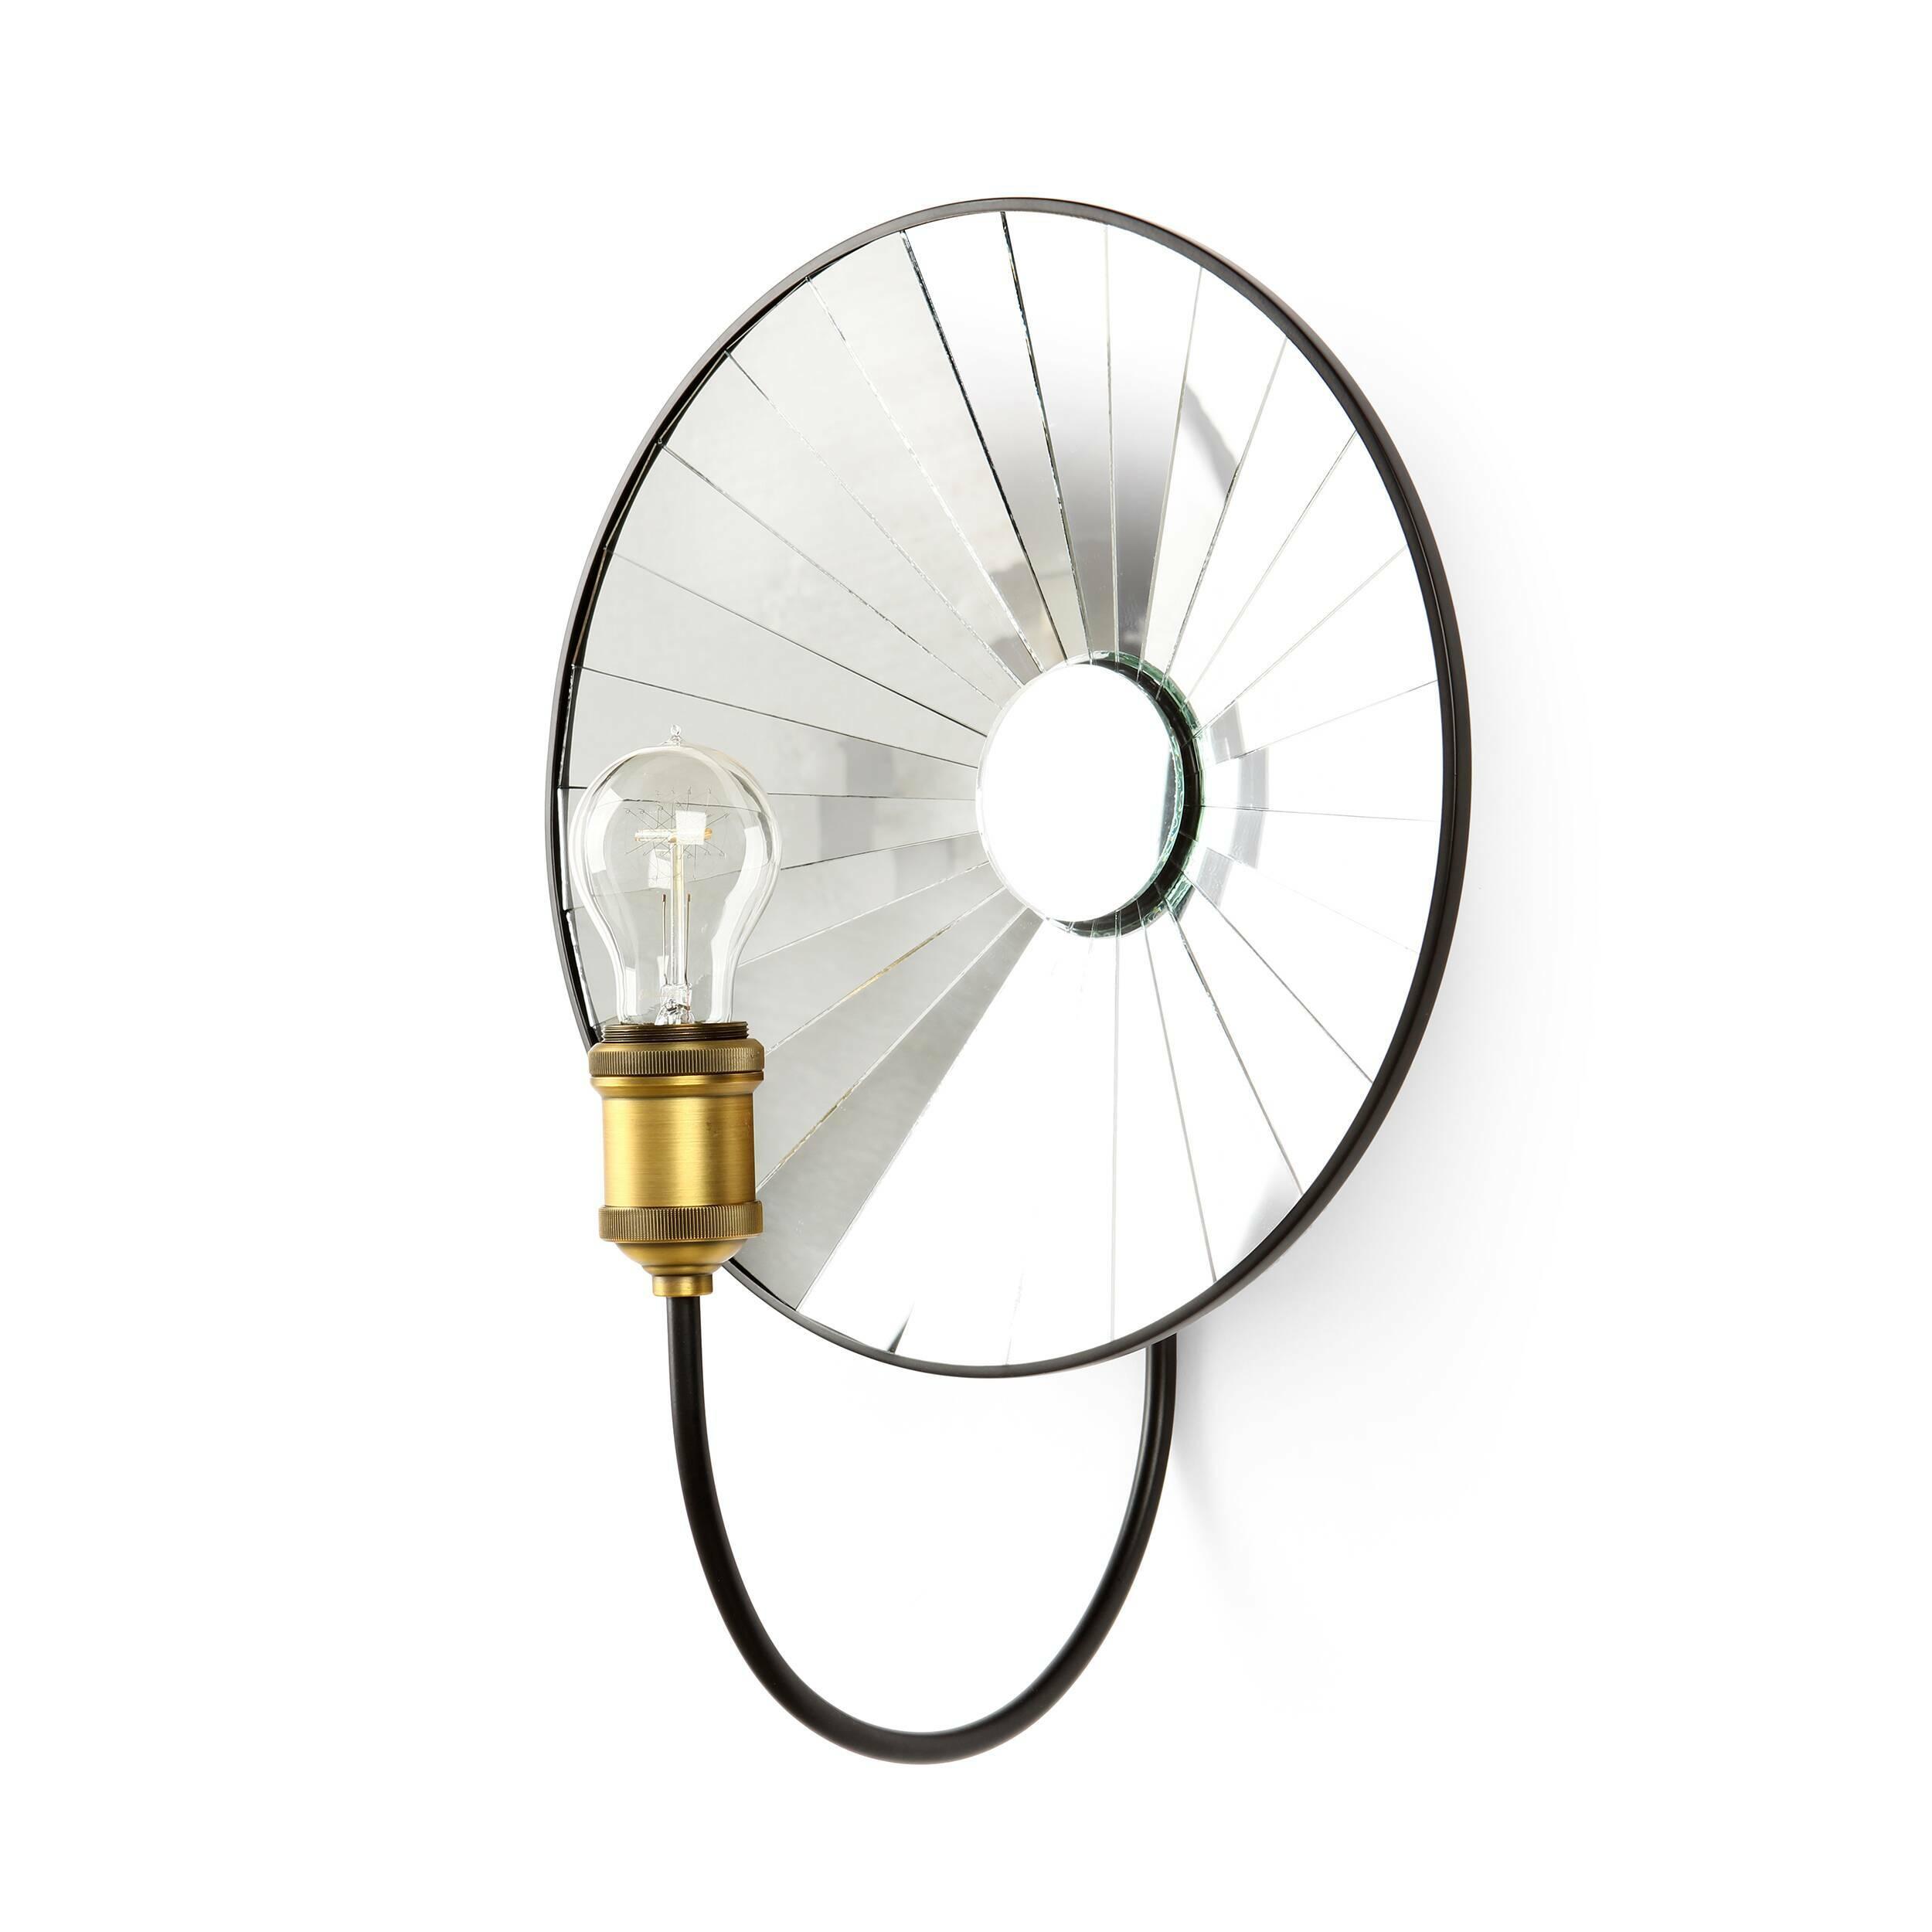 Настенный светильник Cosmo 15578697 от Cosmorelax